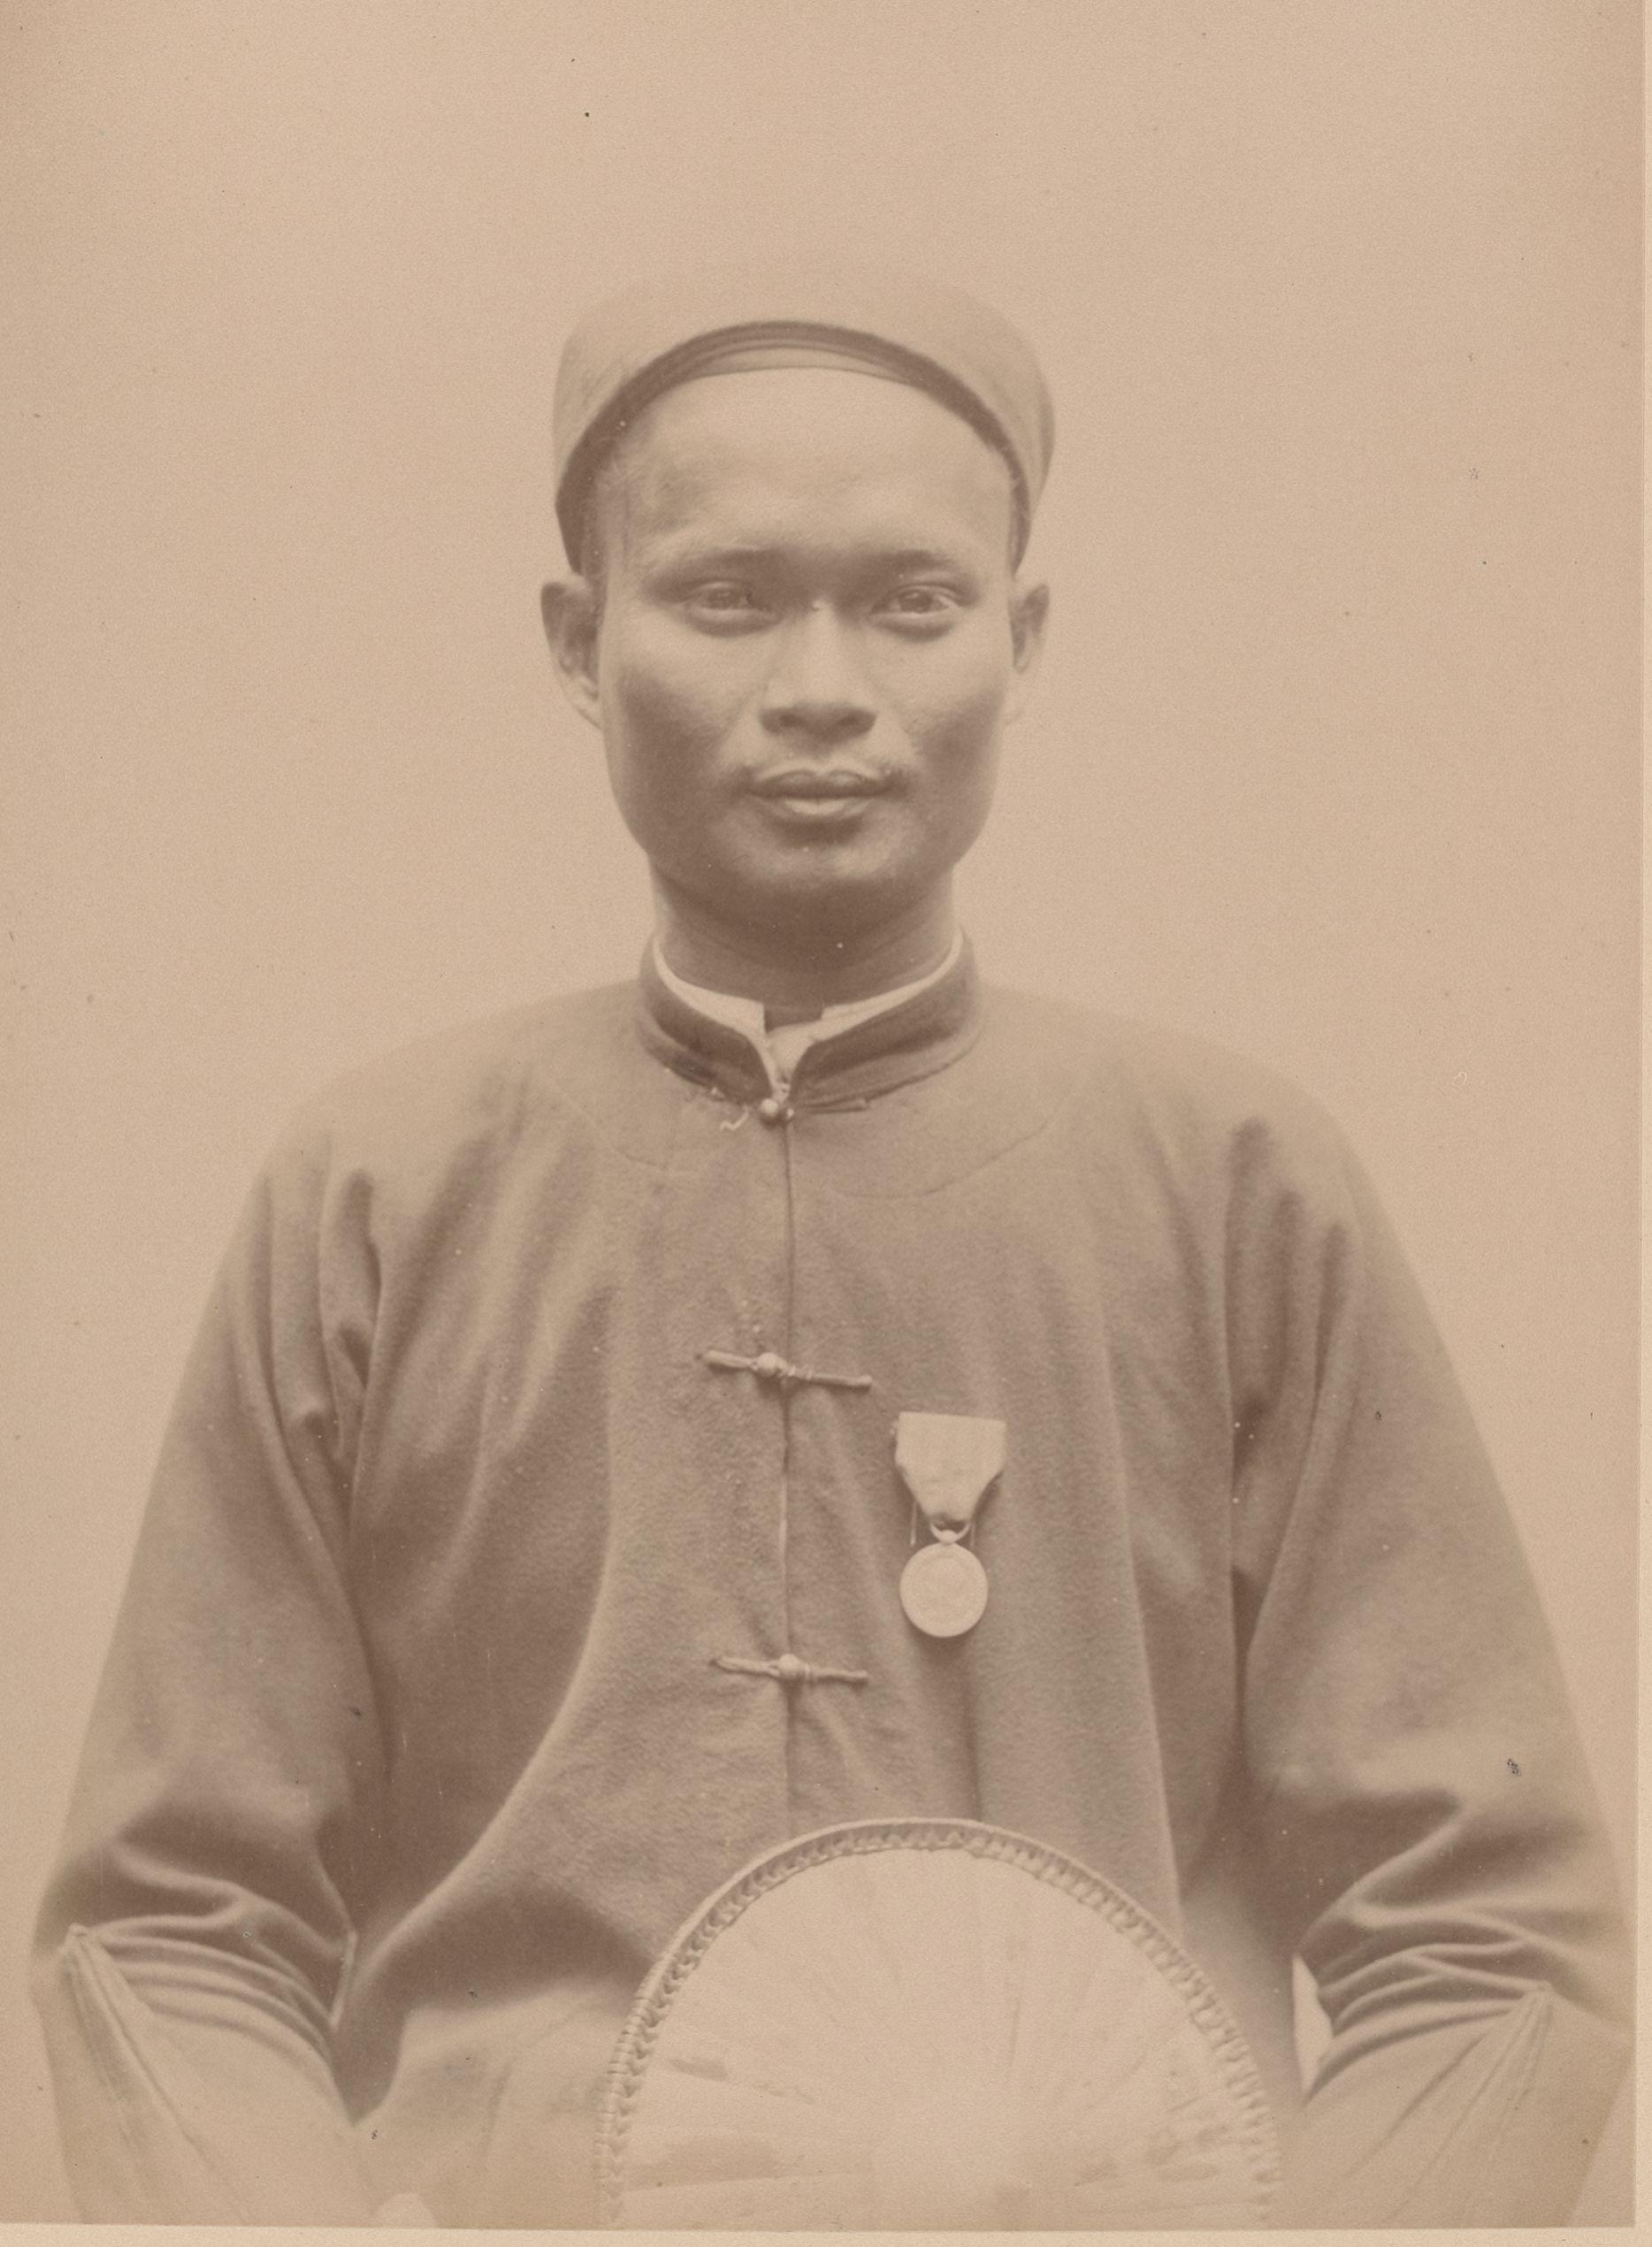 Кьи, 31 год, Сайгон (анфас)